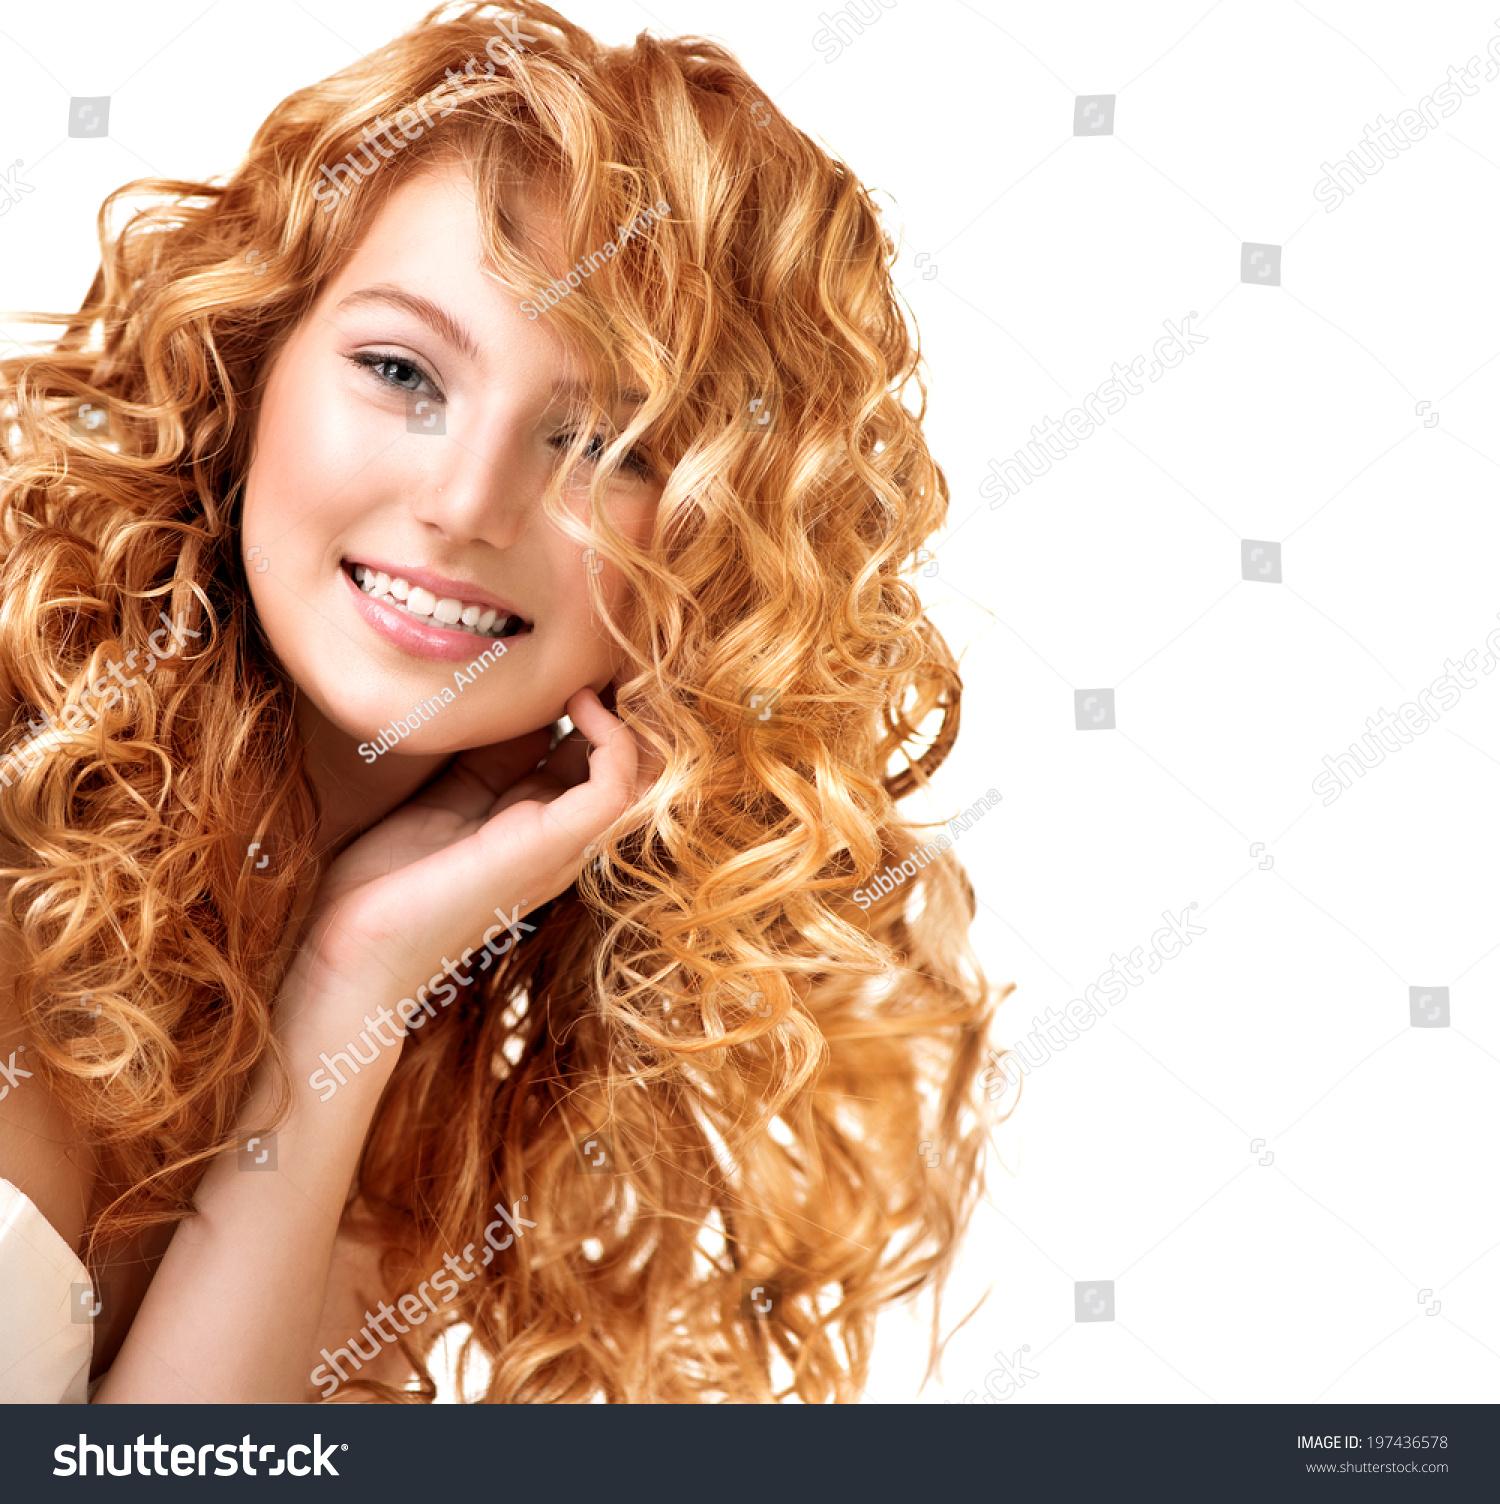 Beauty Teenage Model Girl Portrait Isolated Stock Photo